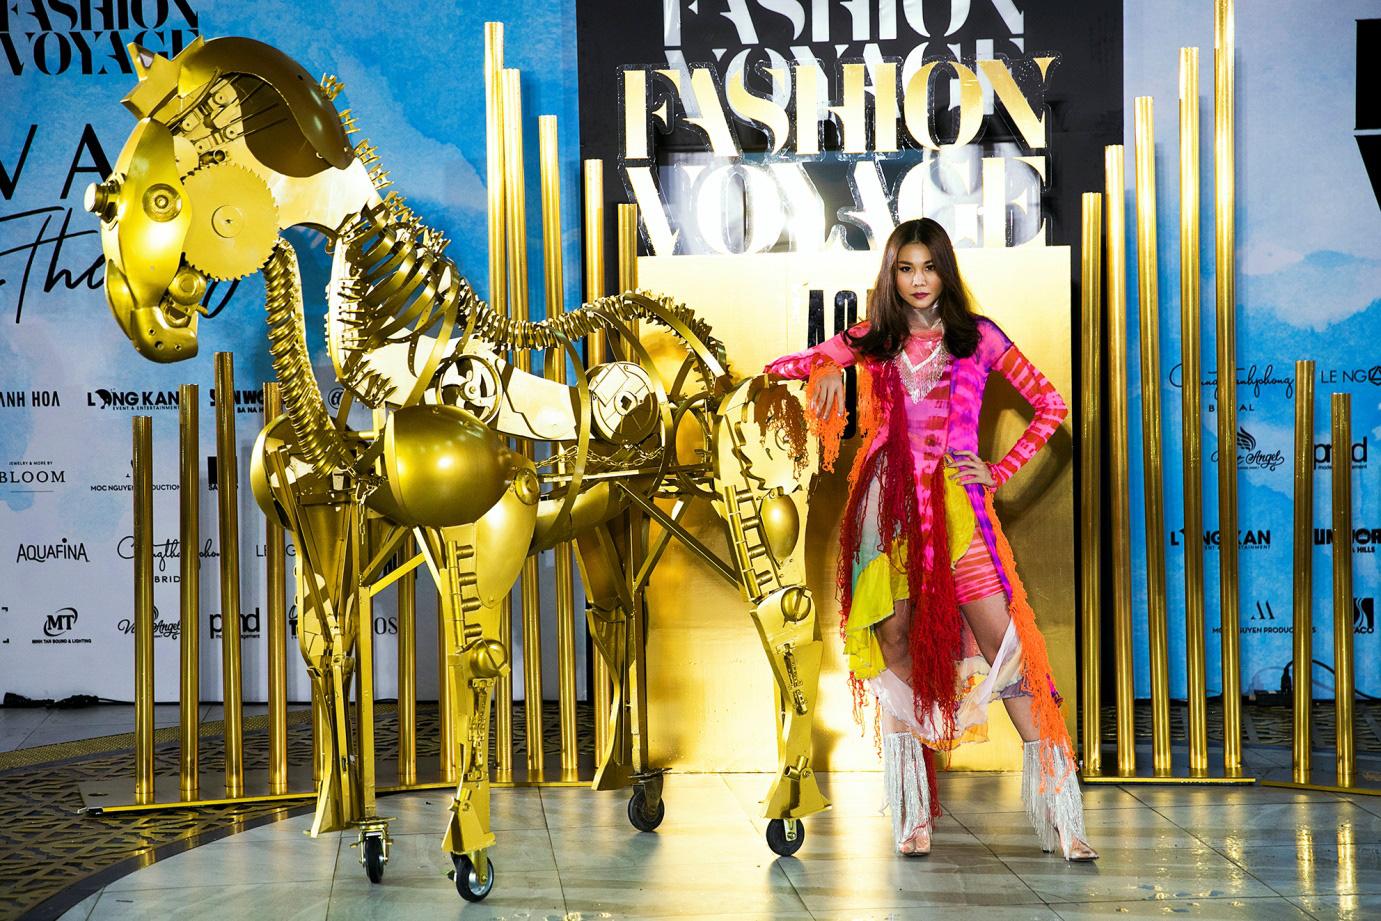 The Fashion Voyage: Hành trình chạm đến trái tim - Ảnh 5.